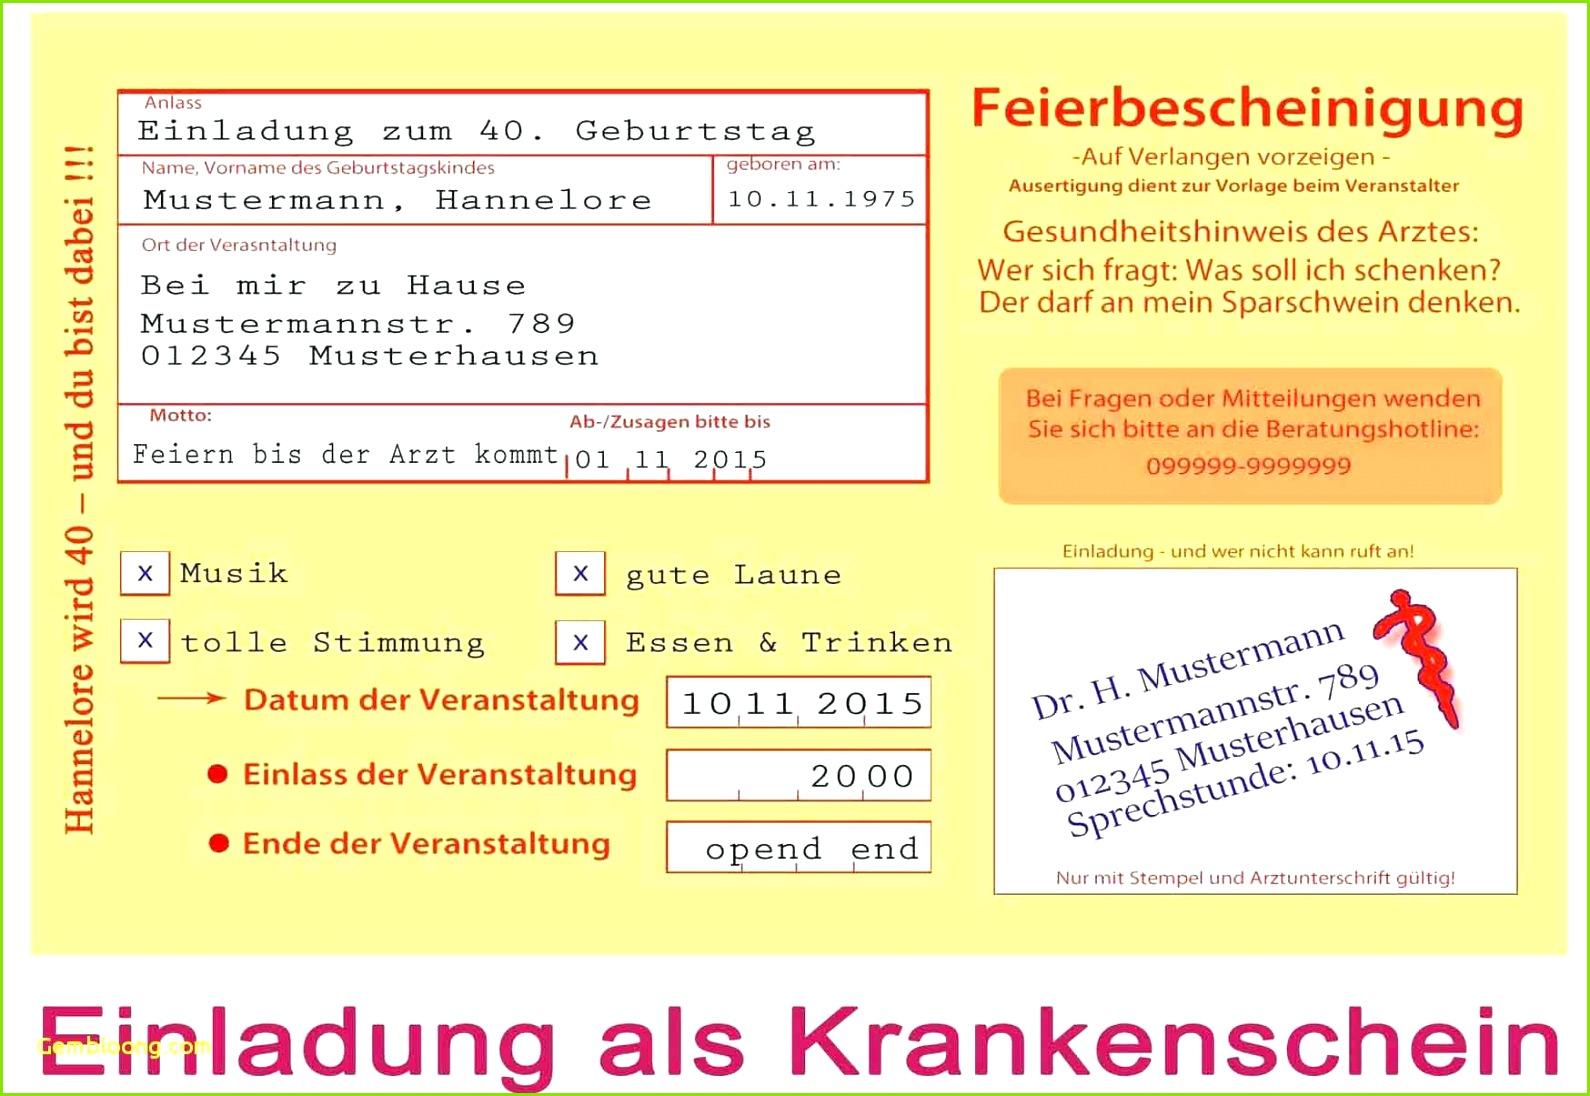 20 Geburtstag Feiern Genial Einladungskarten Vorlagen Geburtstag Vorlagen Einladungen 0d